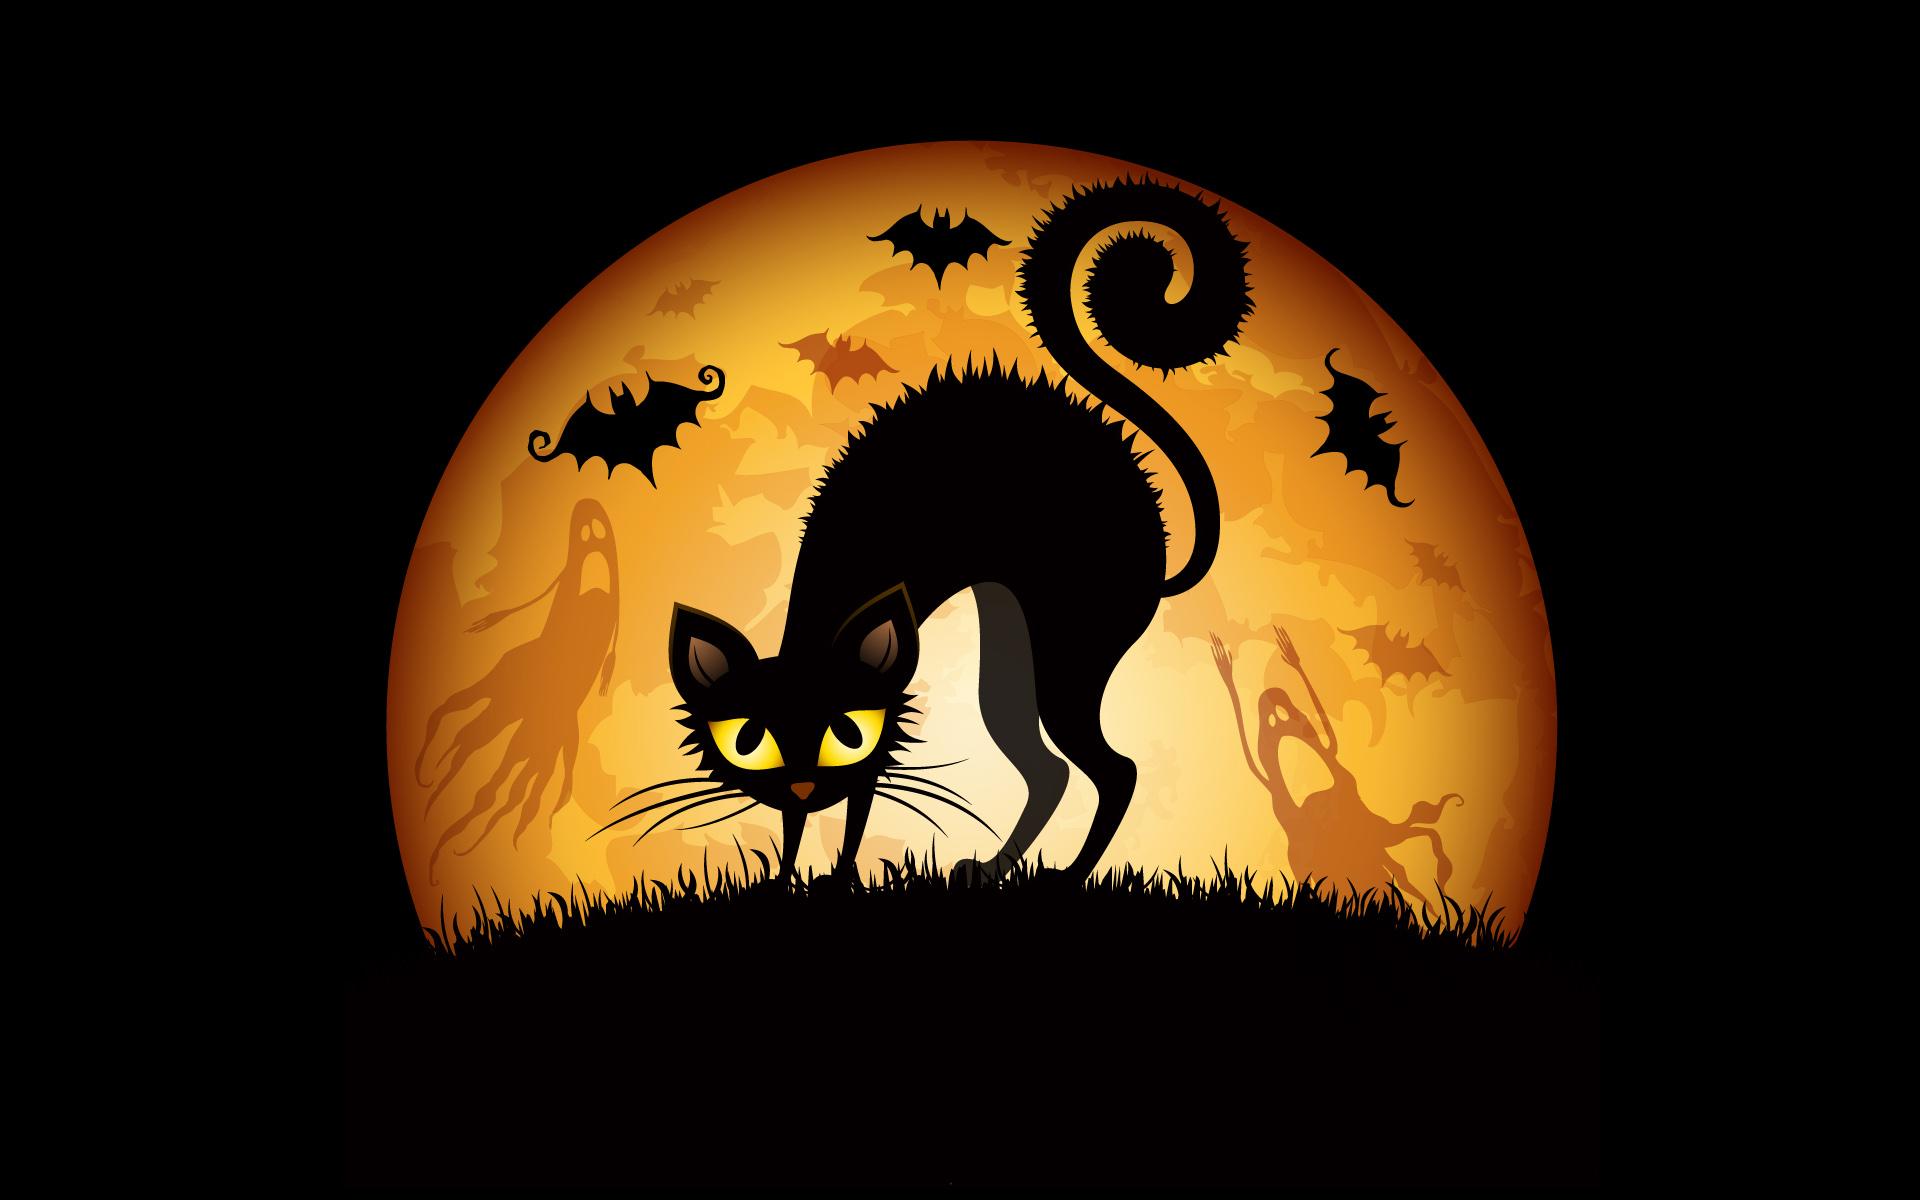 halloween wallpaper 15762 - Pictures Of Halloween